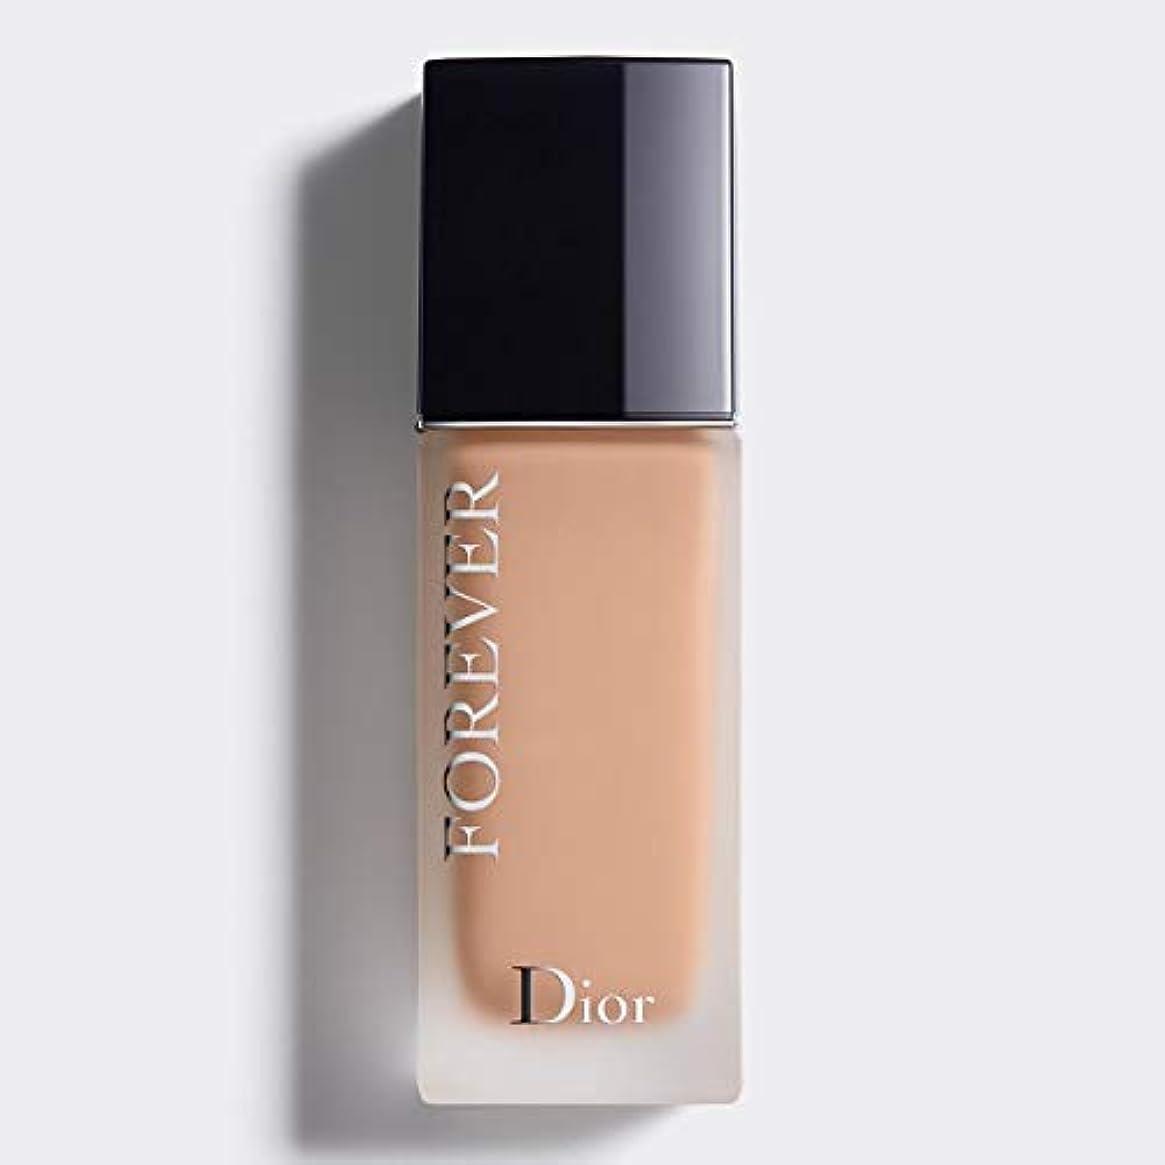 バドミントン債権者概要クリスチャンディオール Dior Forever 24H Wear High Perfection Foundation SPF 35 - # 3CR (Cool Rosy) 30ml/1oz並行輸入品